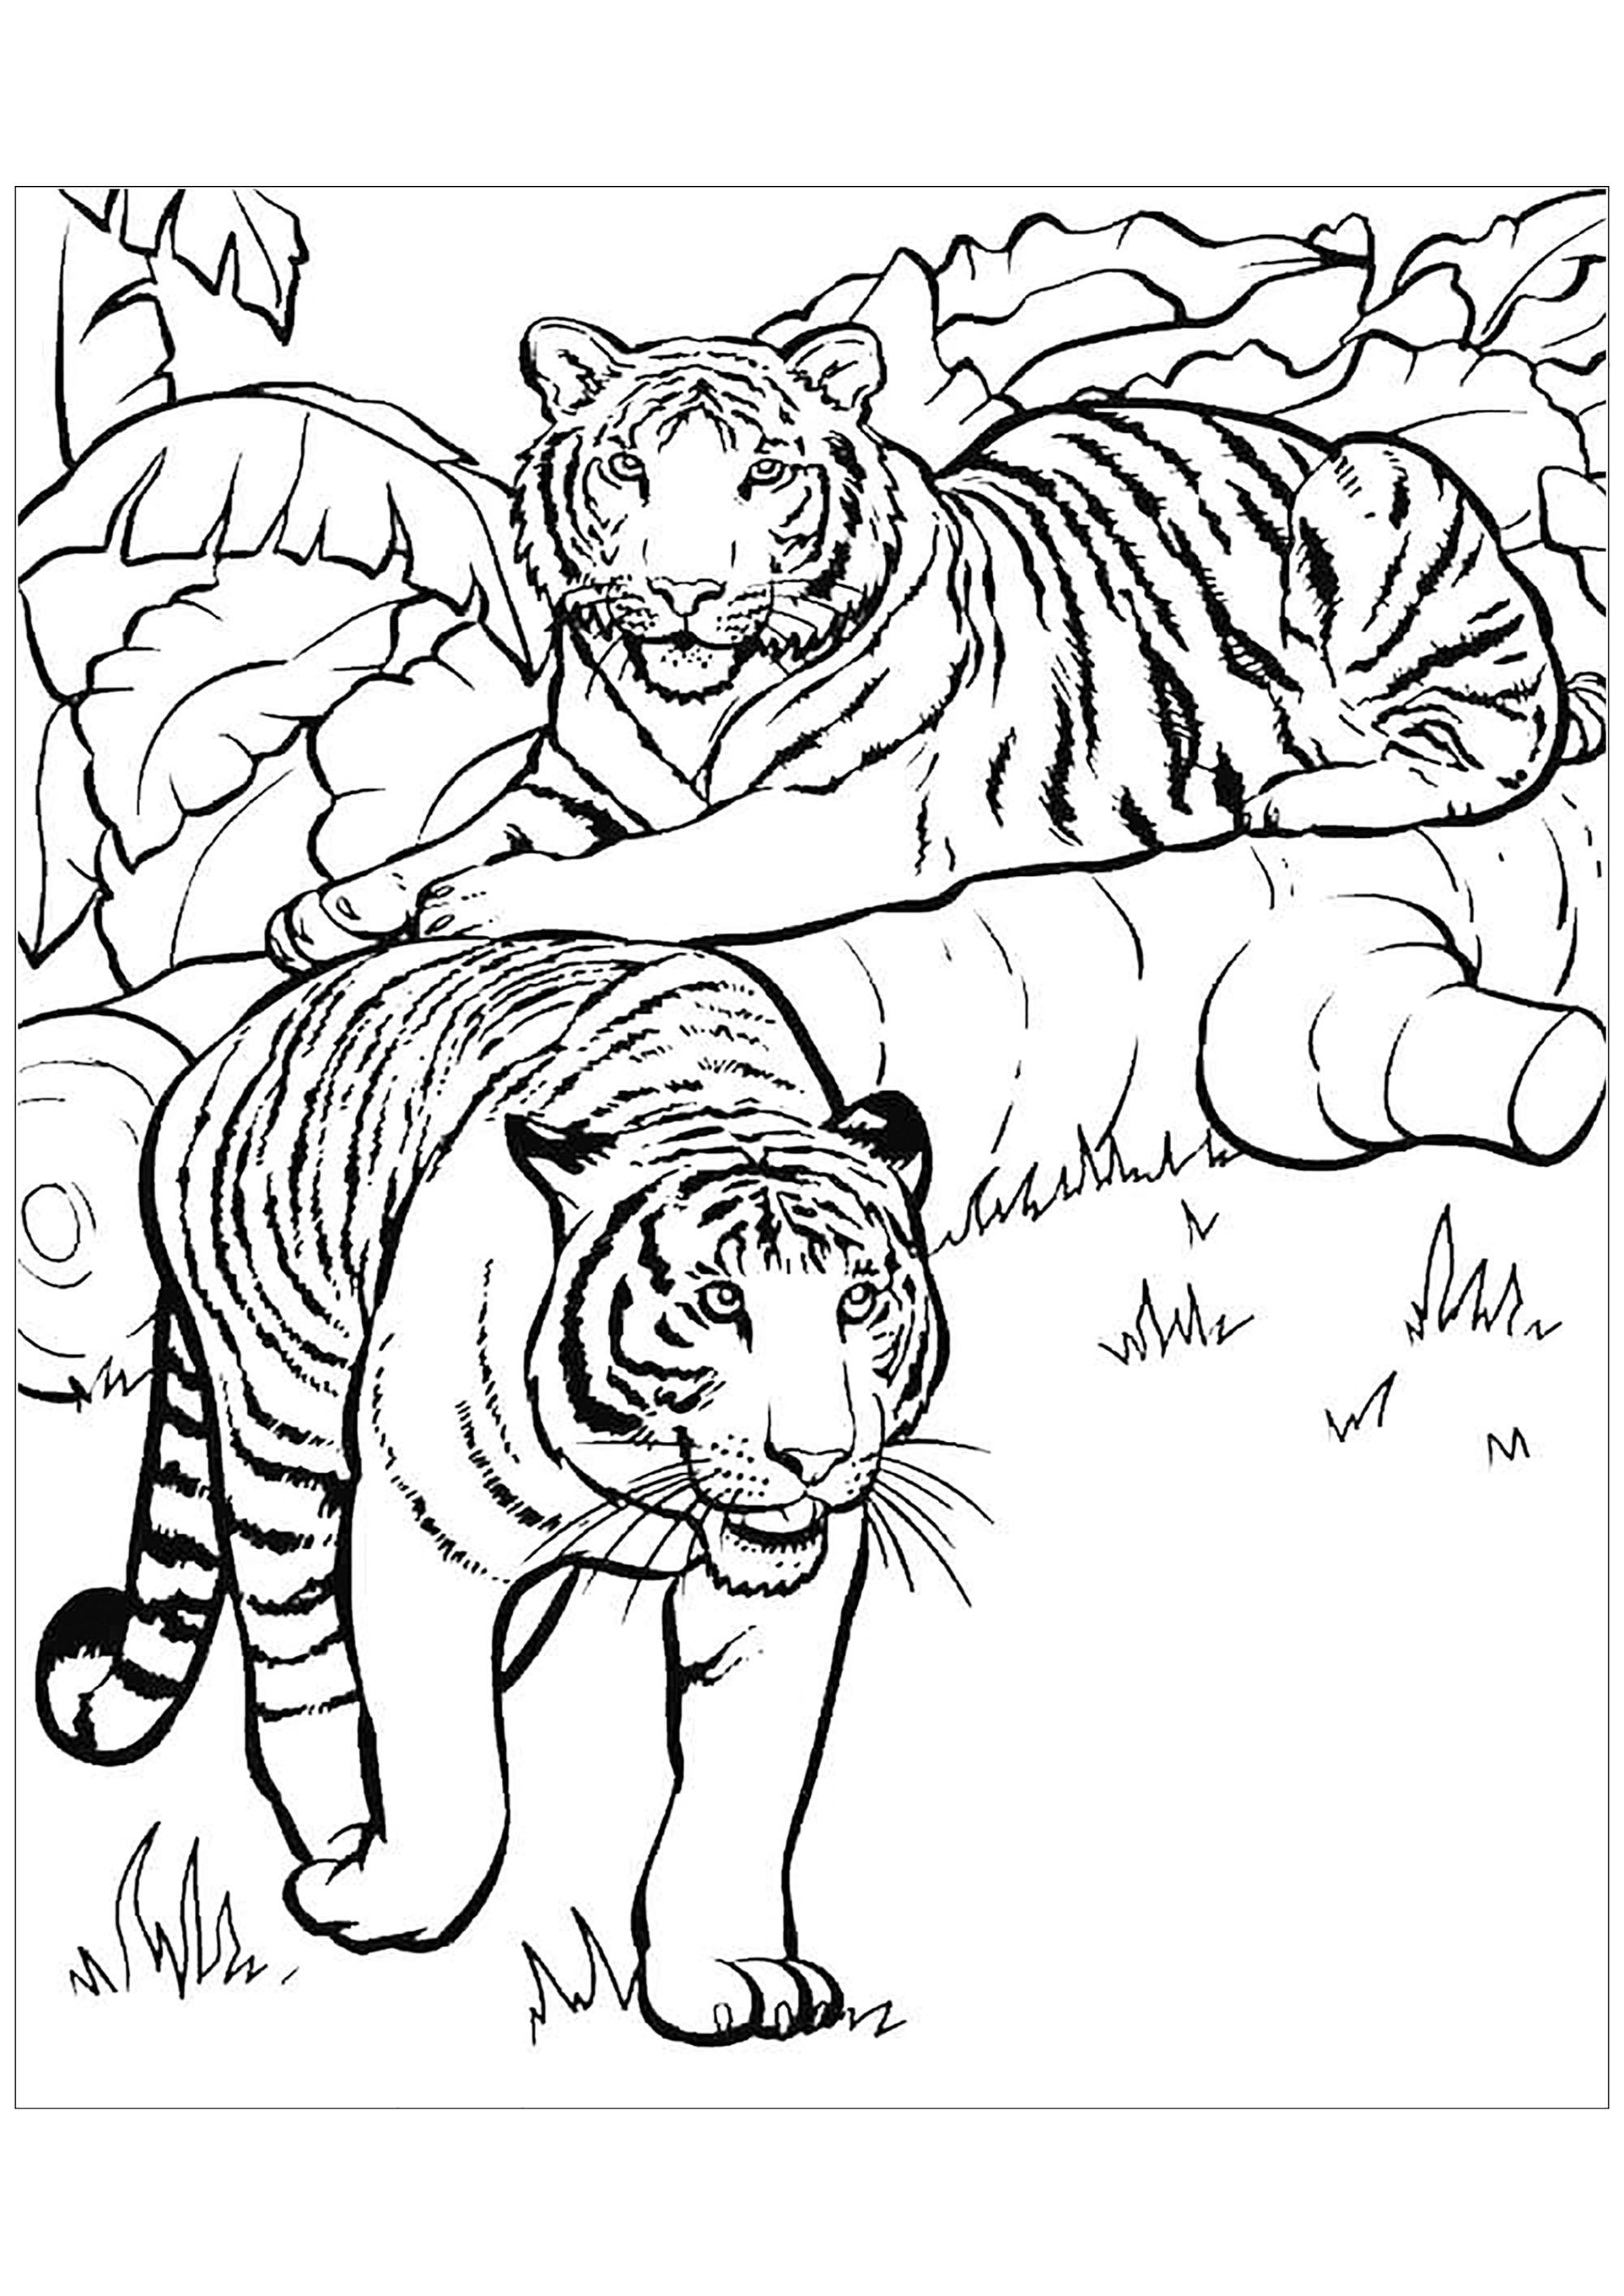 Dessin De Tigre Gratuit A Telecharger Et Colorier Coloriage De Tigres Coloriages Pour Enfants